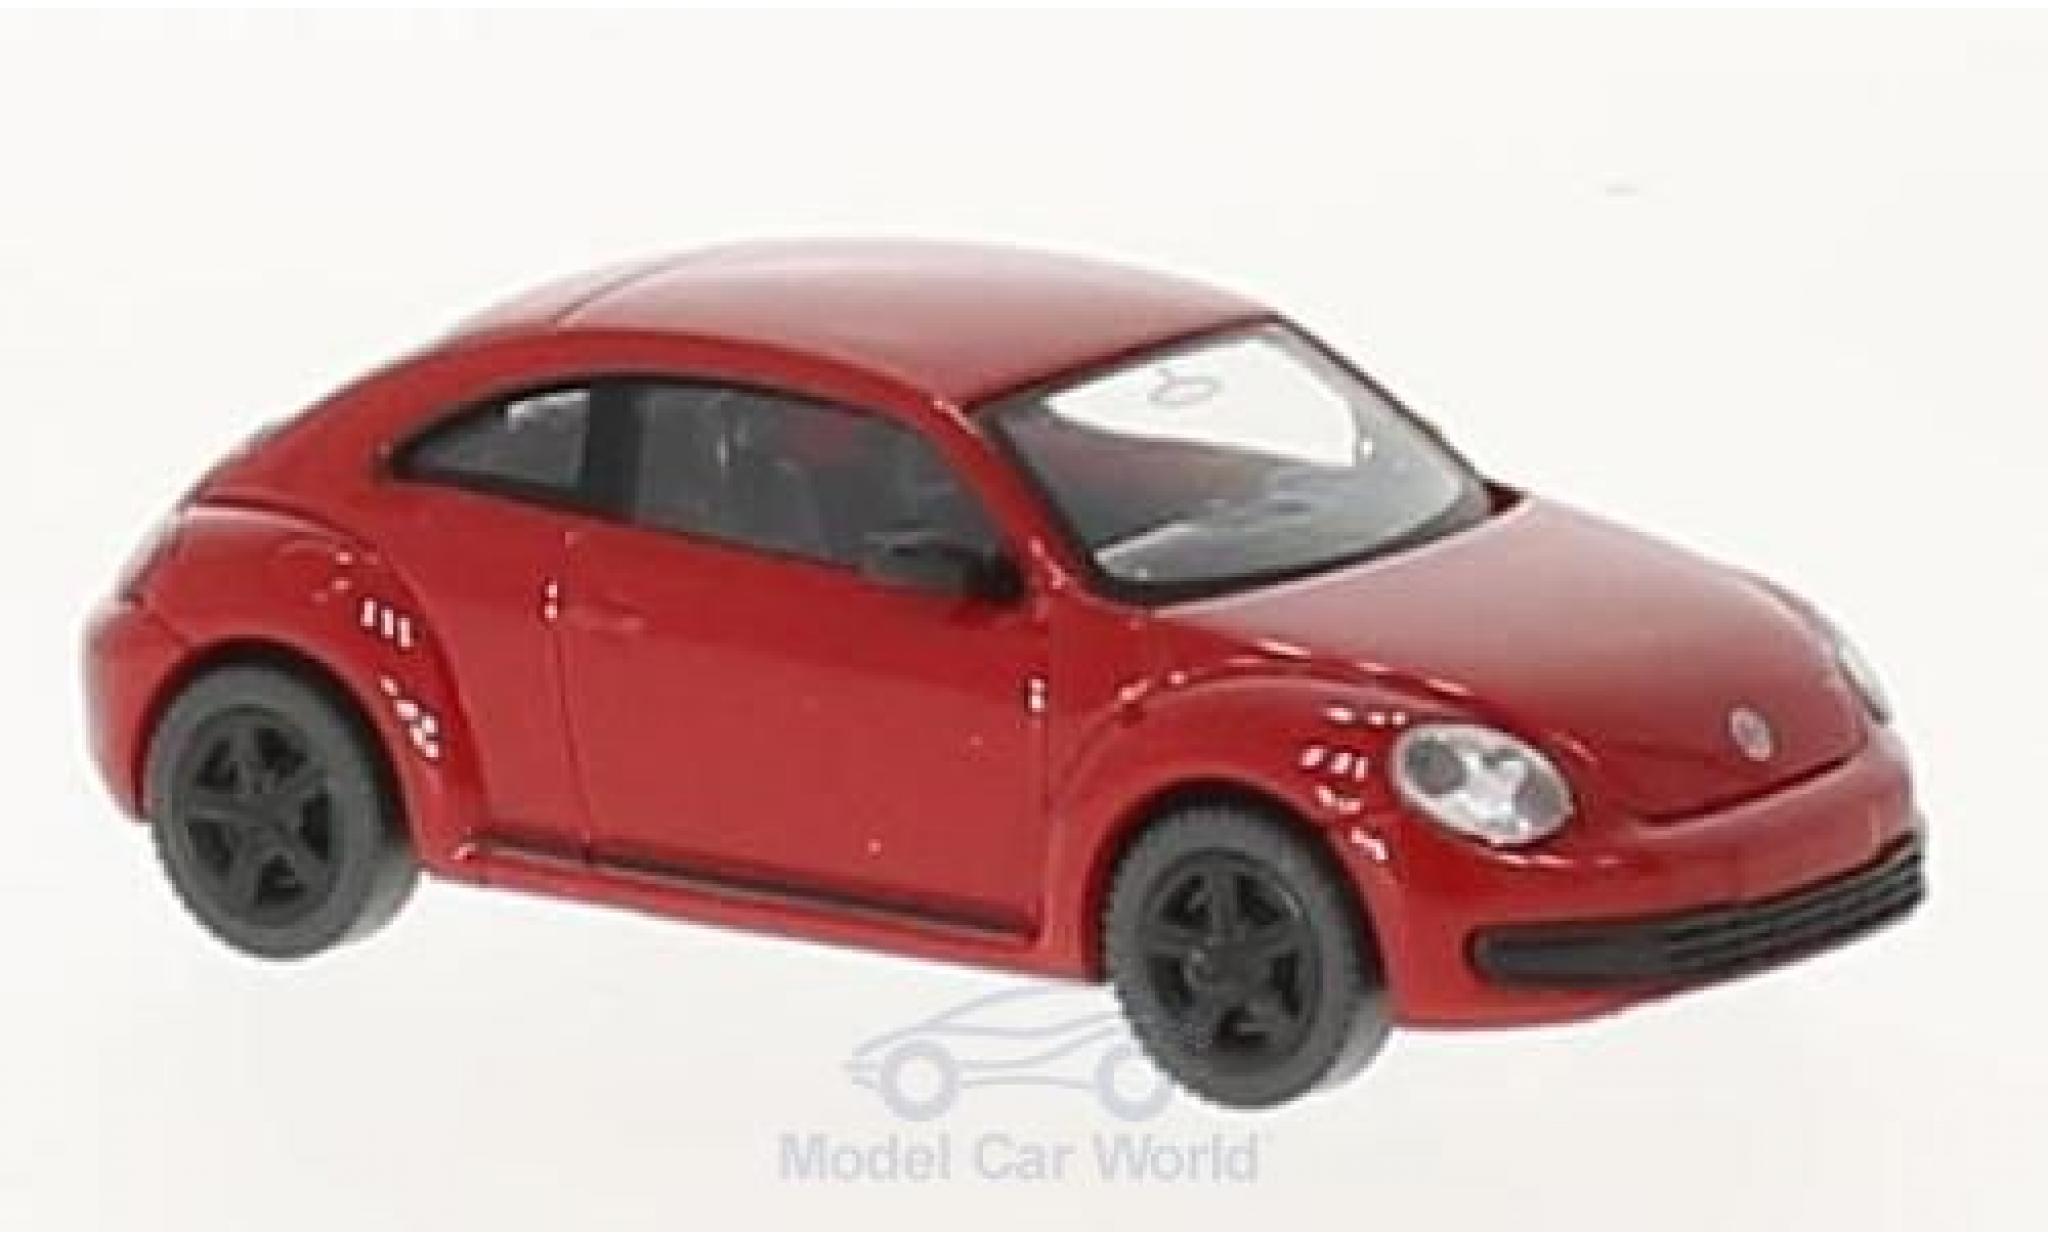 Volkswagen Beetle 1/87 Wiking red